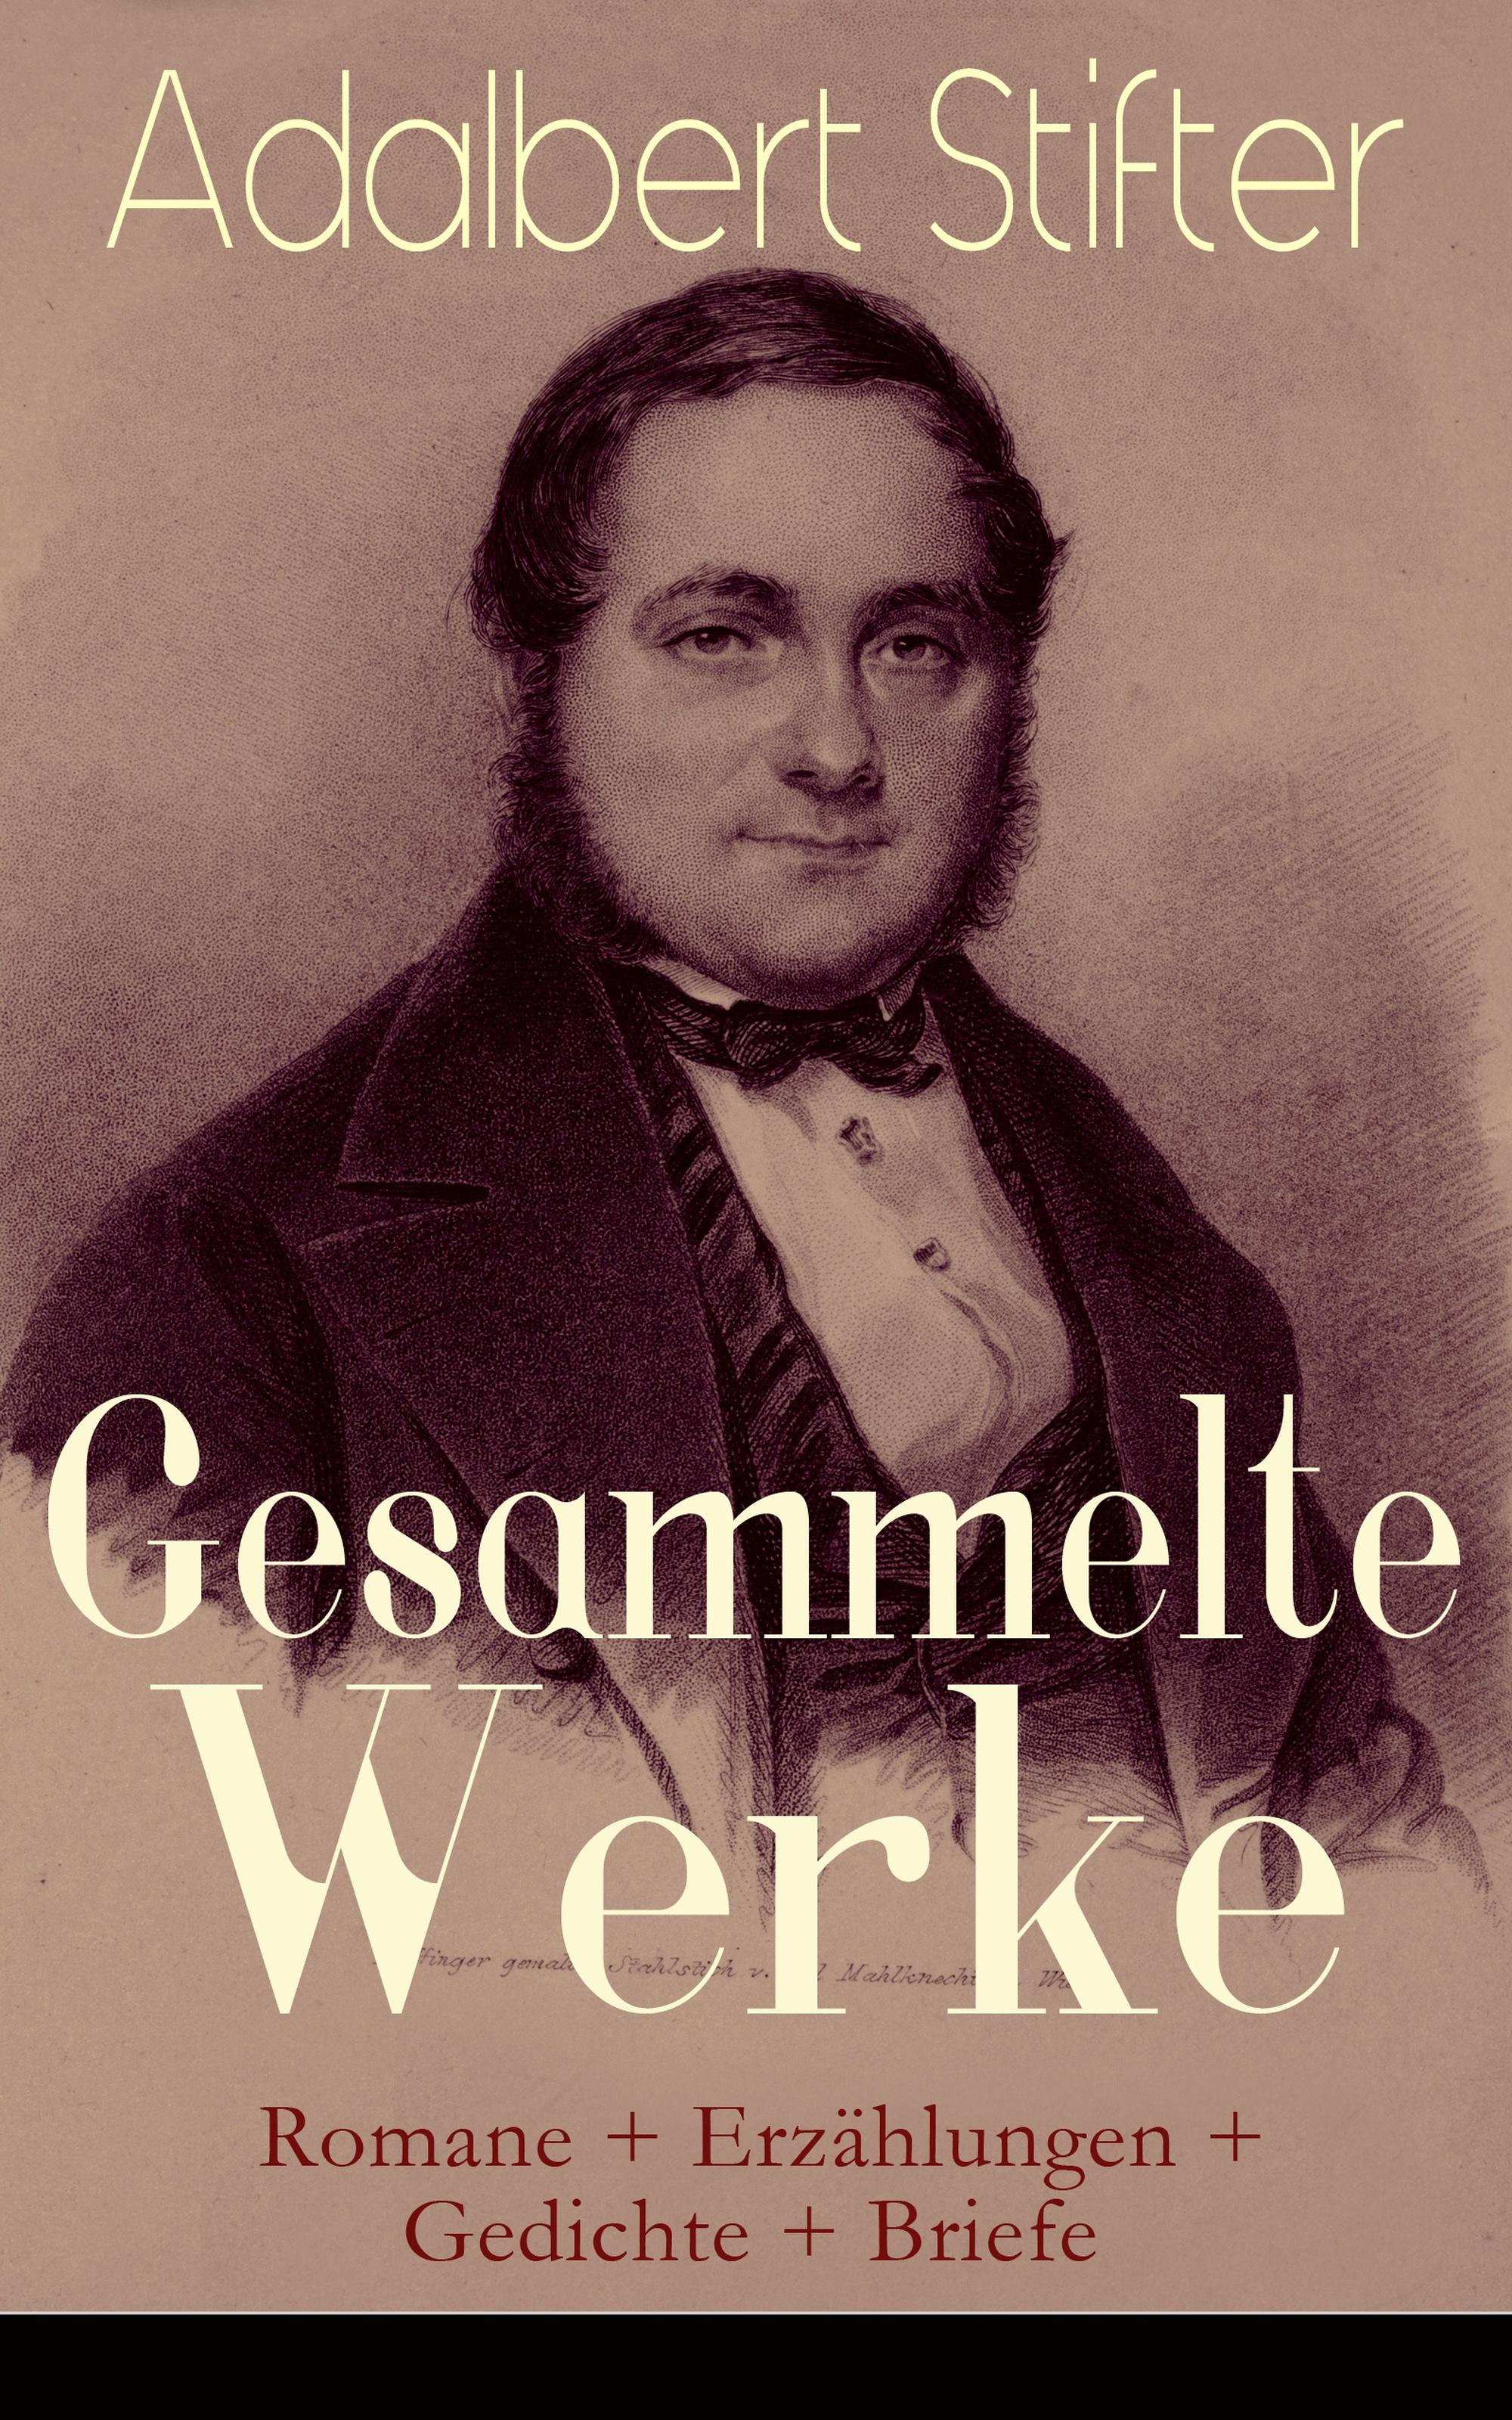 Adalbert Stifter Gesammelte Werke: Romane + Erzählungen + Gedichte + Briefe louise otto gesammelte werke romane frauenbewegung essays biografien gedichte